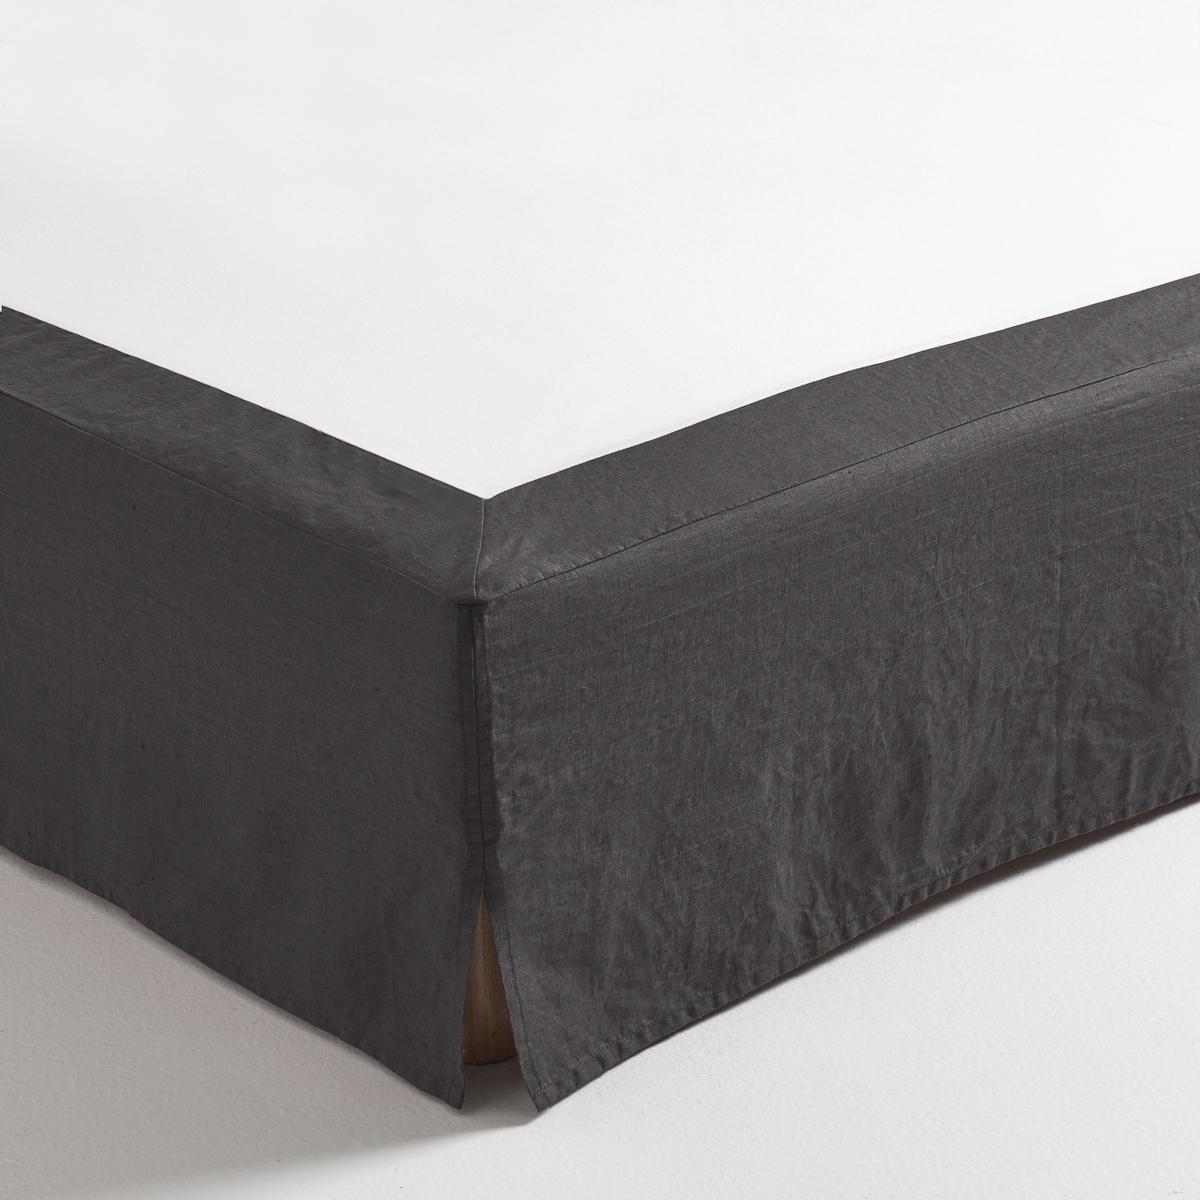 Чехол LaRedoute Для кровати 100 льна 90 x 190 см серый матрас laredoute для кровати с ящиком 90 x 180 x 12 белый